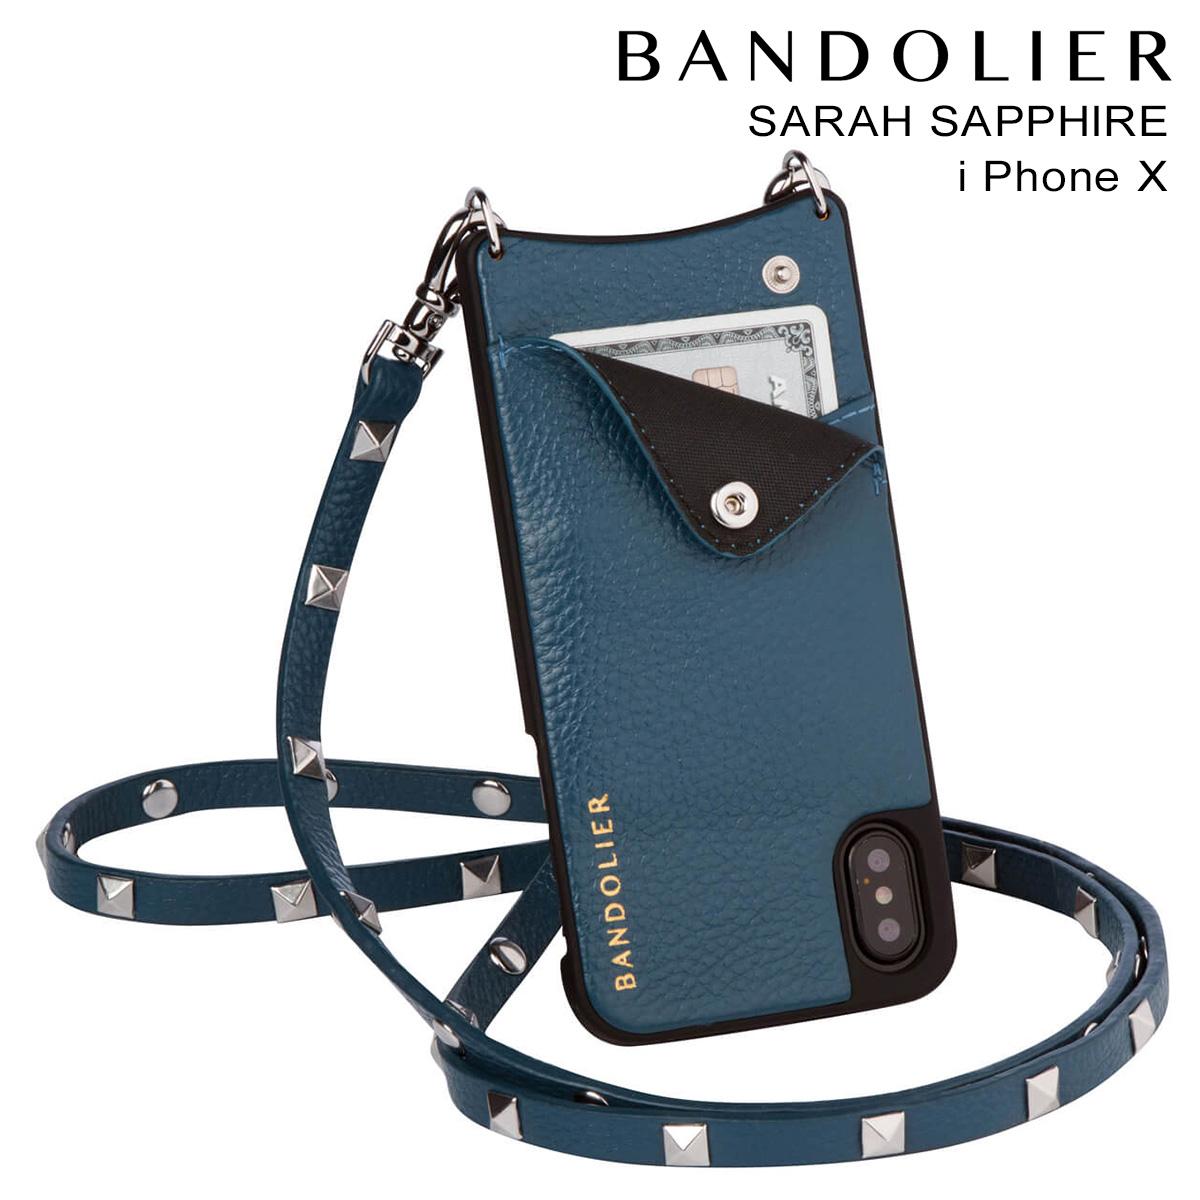 バンドリヤー BANDOLIER iPhoneX ケース スマホ アイフォン SARAH SAPPHIRE レザー メンズ レディース [9/19 新入荷]